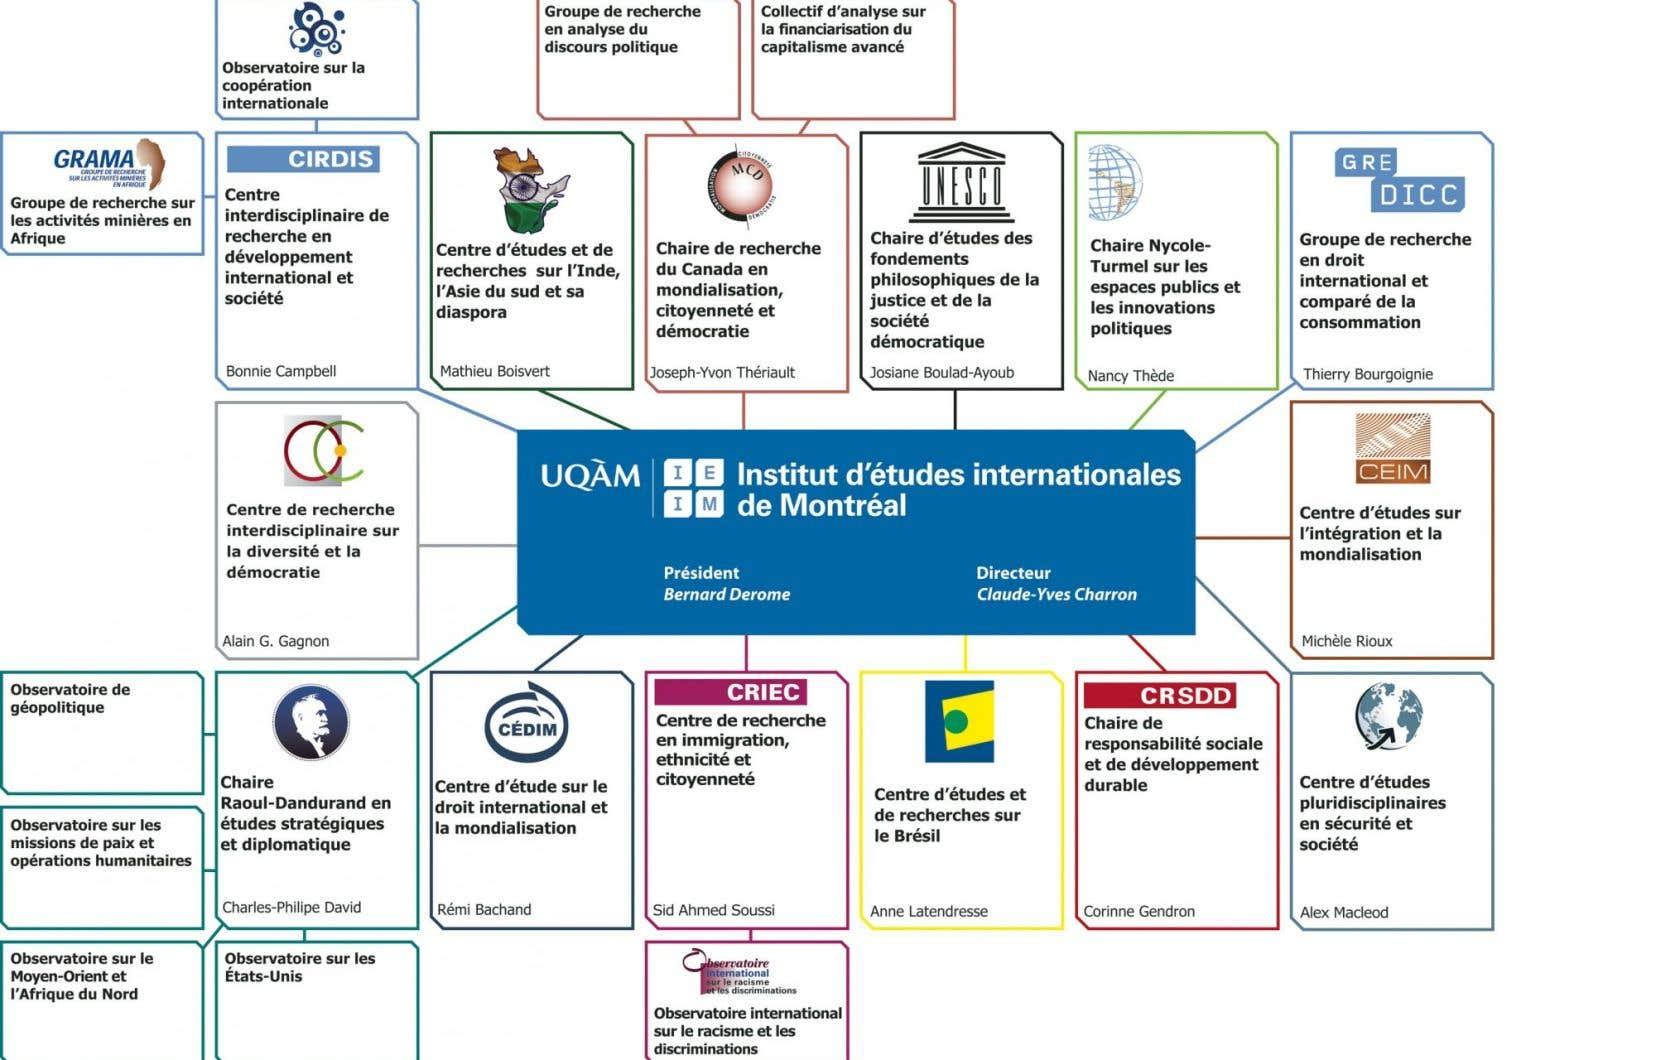 Organigramme des différents centres de recherche rattachés à l'IEIM